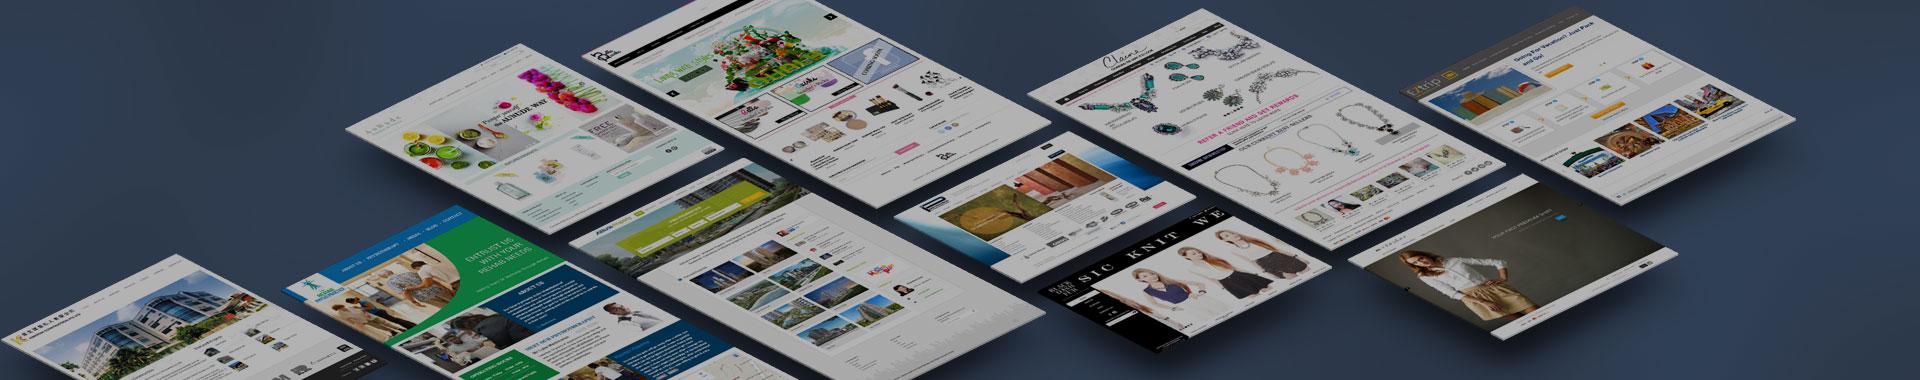 Website Design Singapore - AIBI Fitness